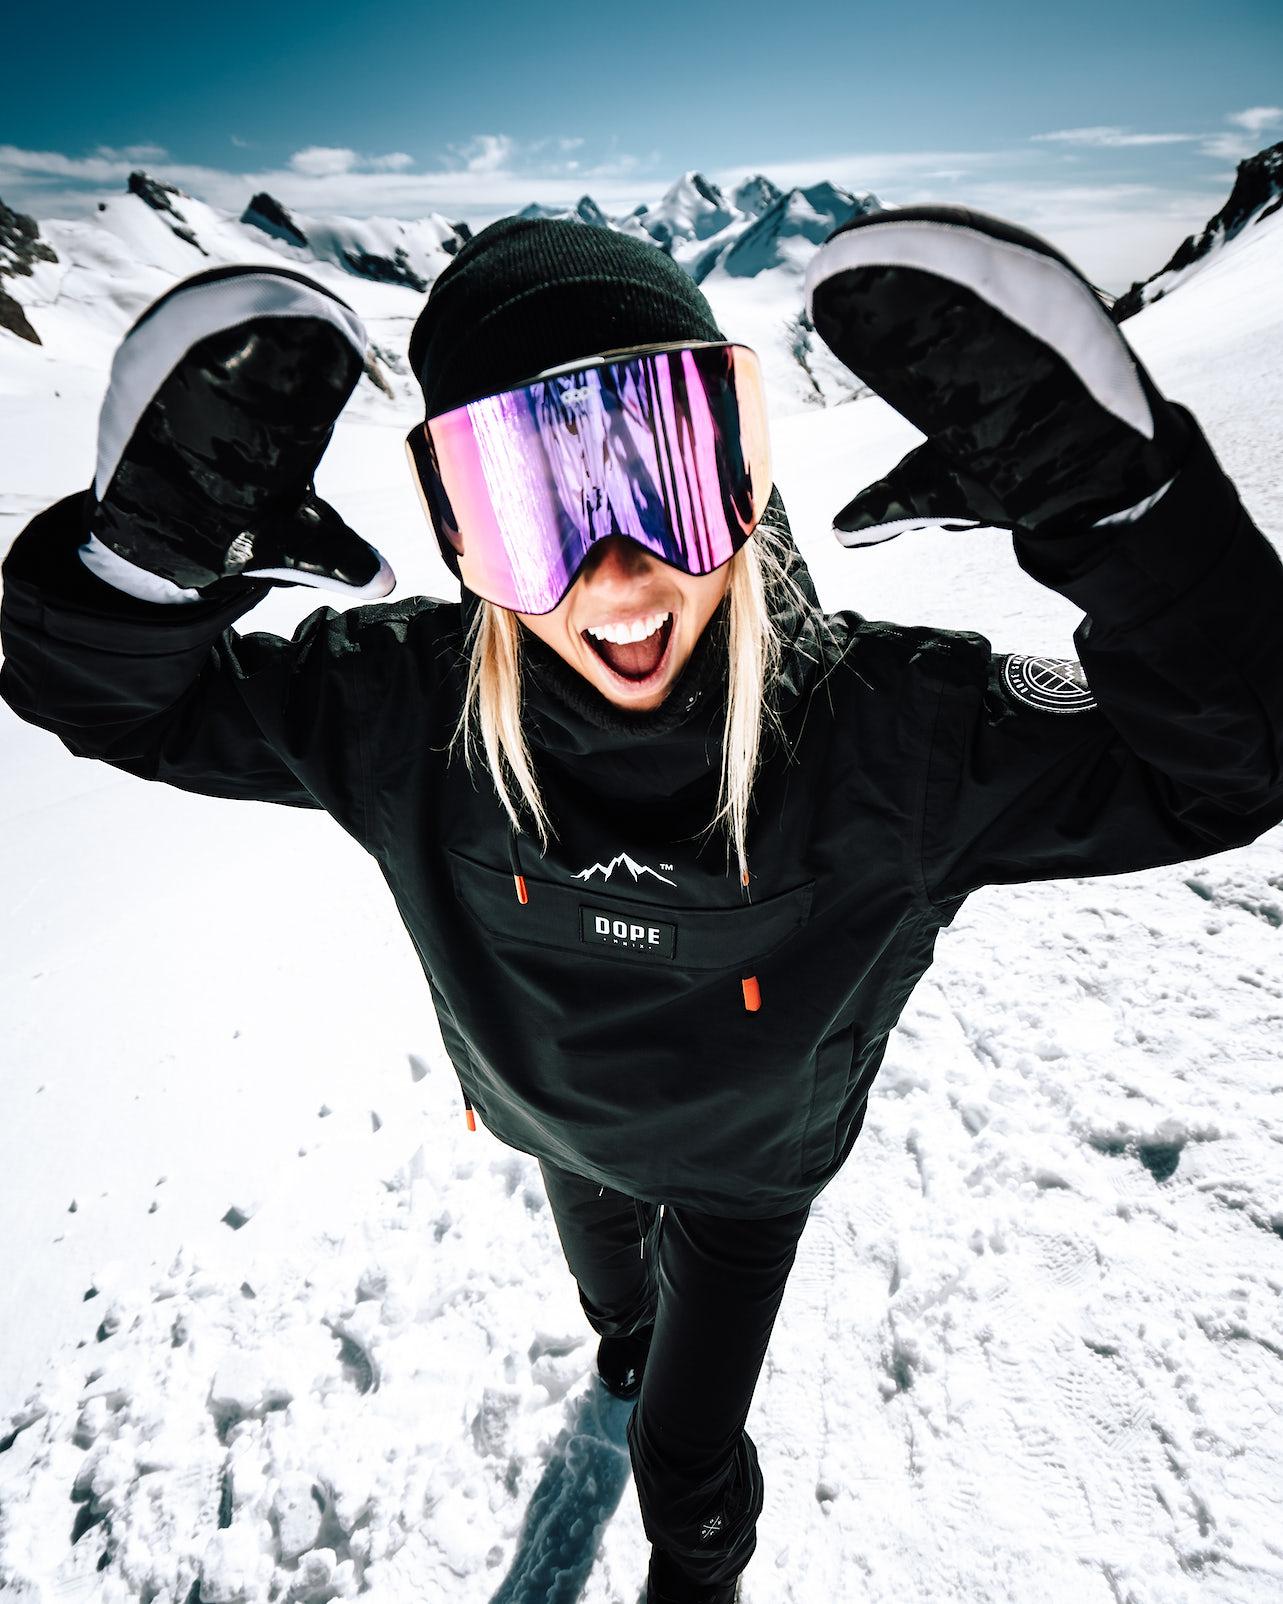 Kjøp Blizzard W Snowboardjakke fra Dope på Ridestore.no - Hos oss har du alltid fri frakt, fri retur og 30 dagers åpent kjøp!